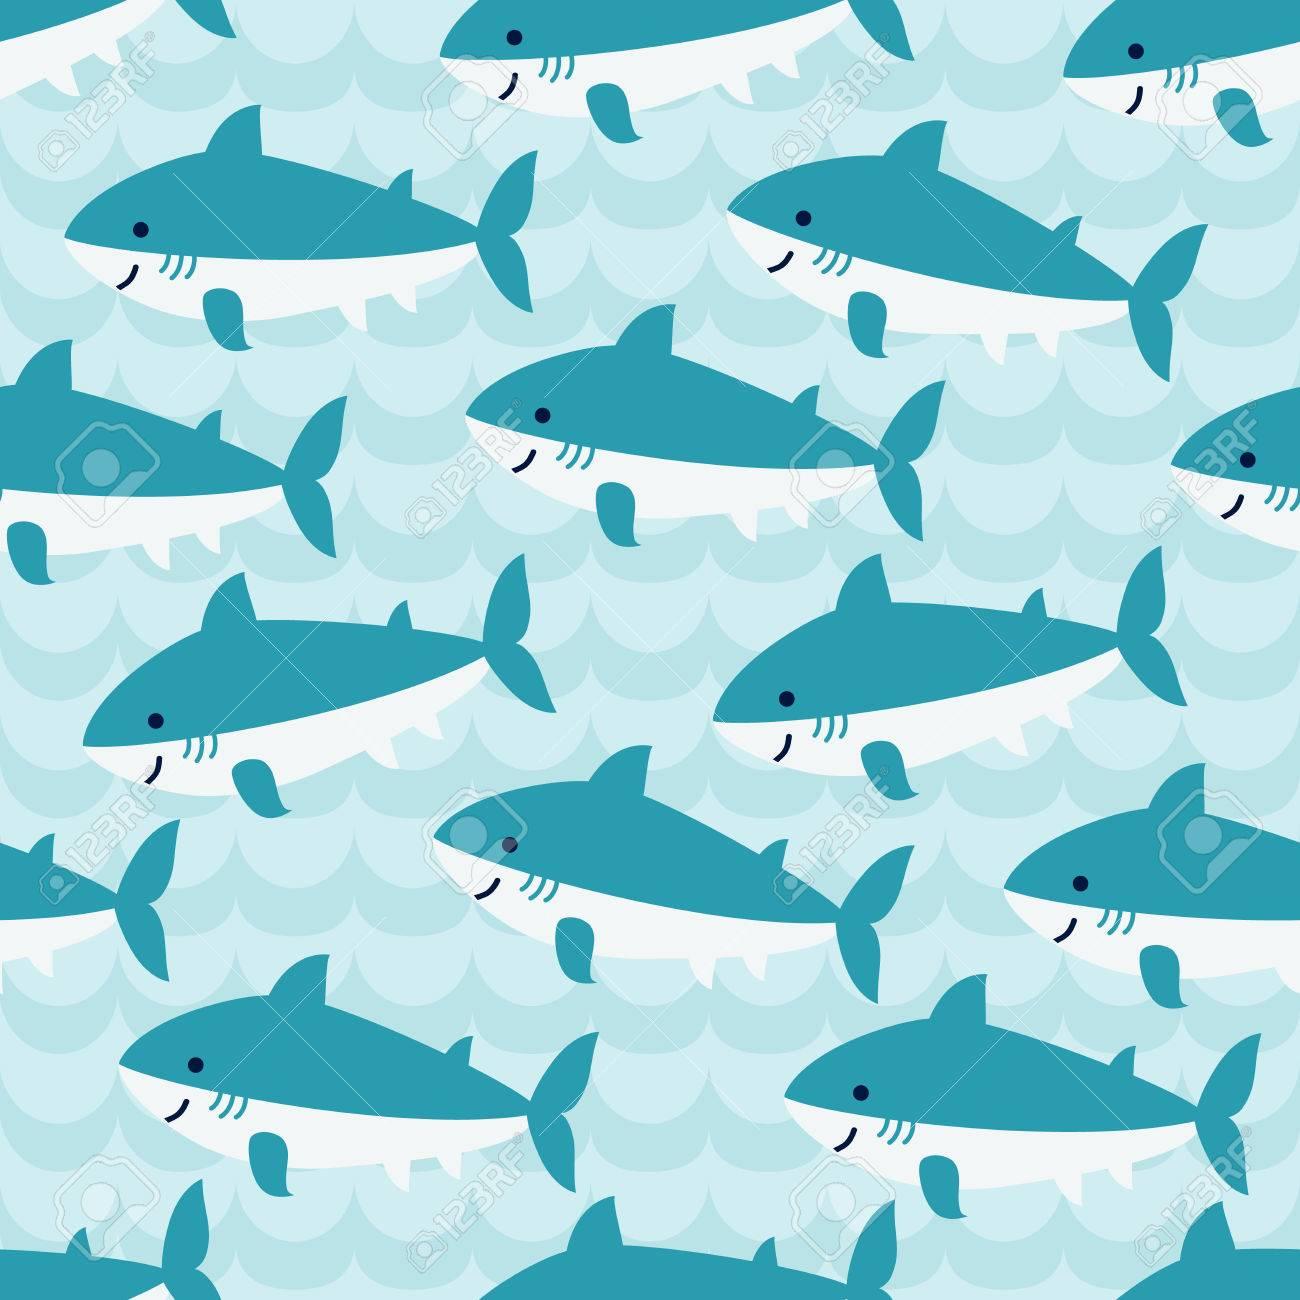 ブルー ウェーブの背景にかわいい漫画サメの群れとのシームレスな